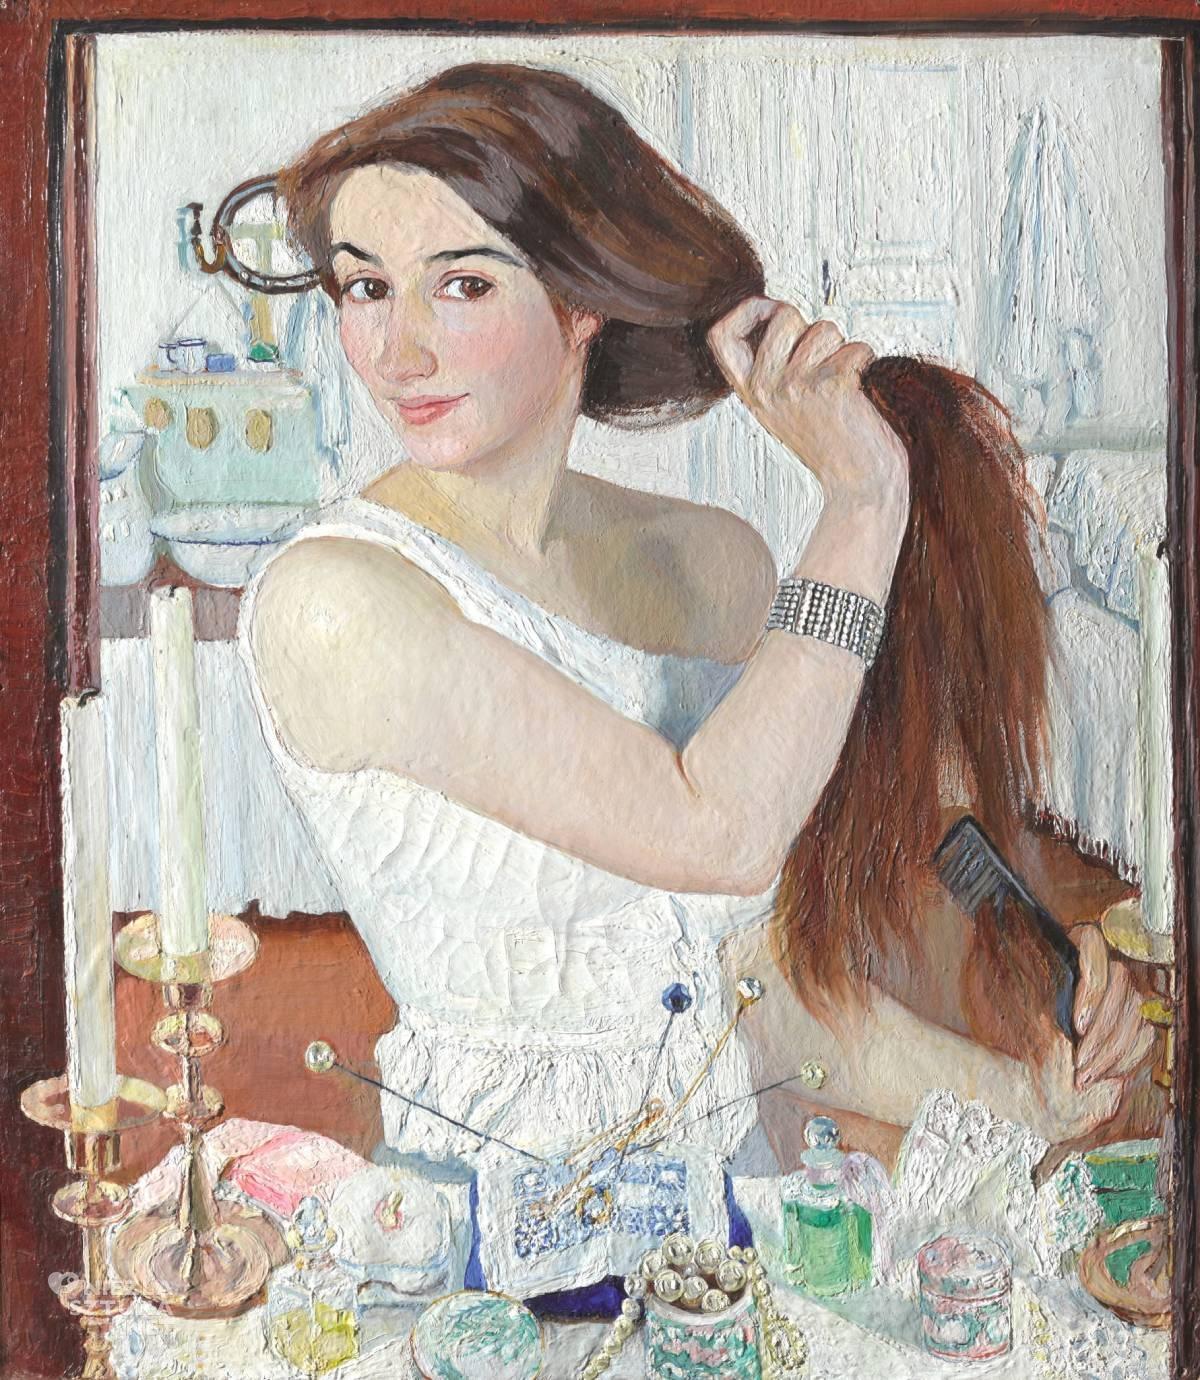 Zinaida Sieriebriakowa, Przy toaletce, autoportret, kobiety w sztuce, Niezła sztuka